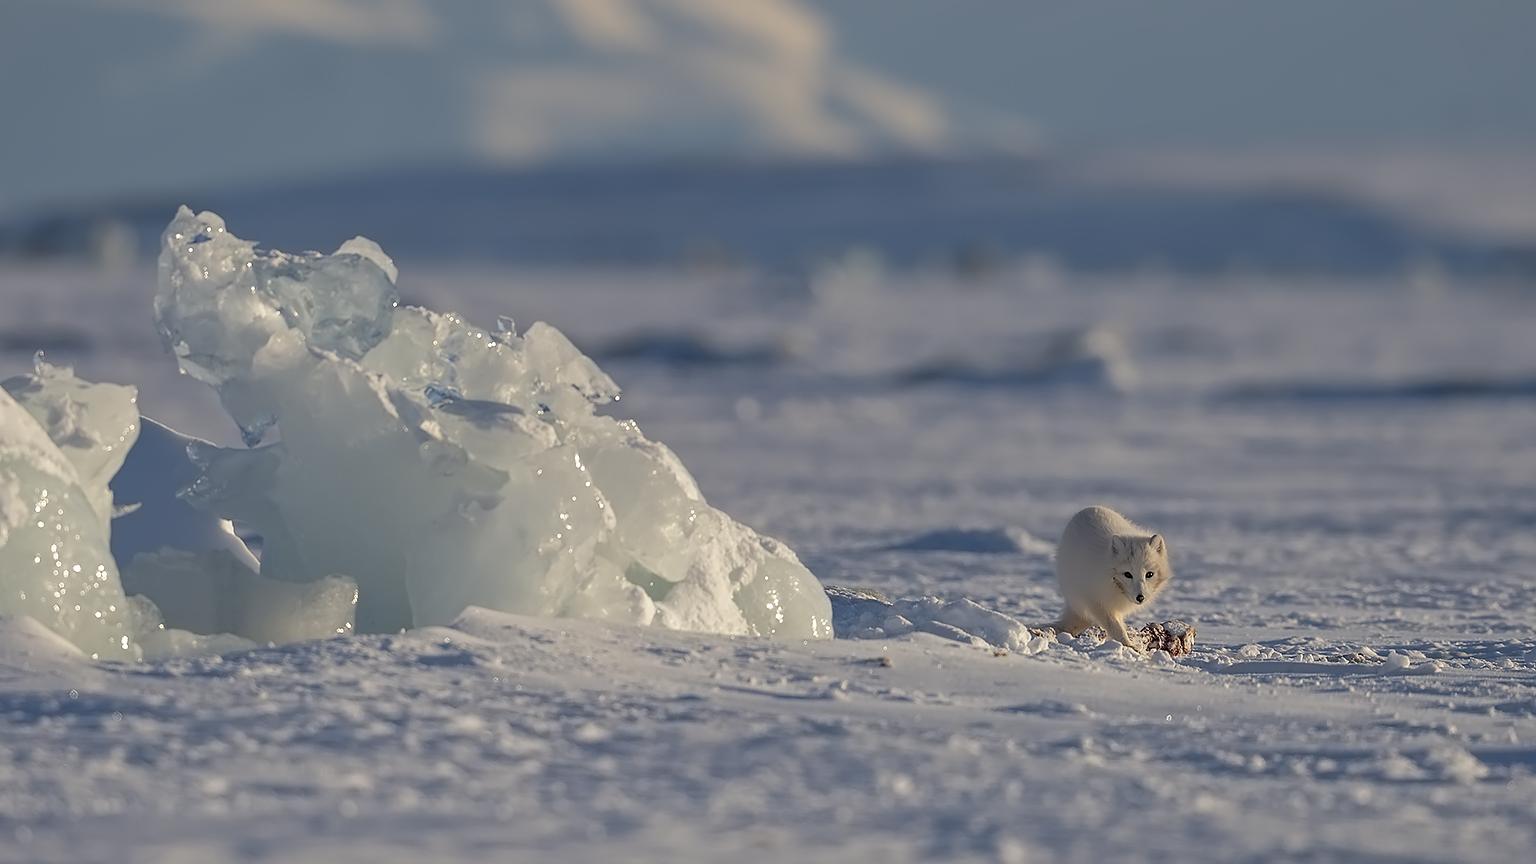 Arctic fox at Ringed seal carcass